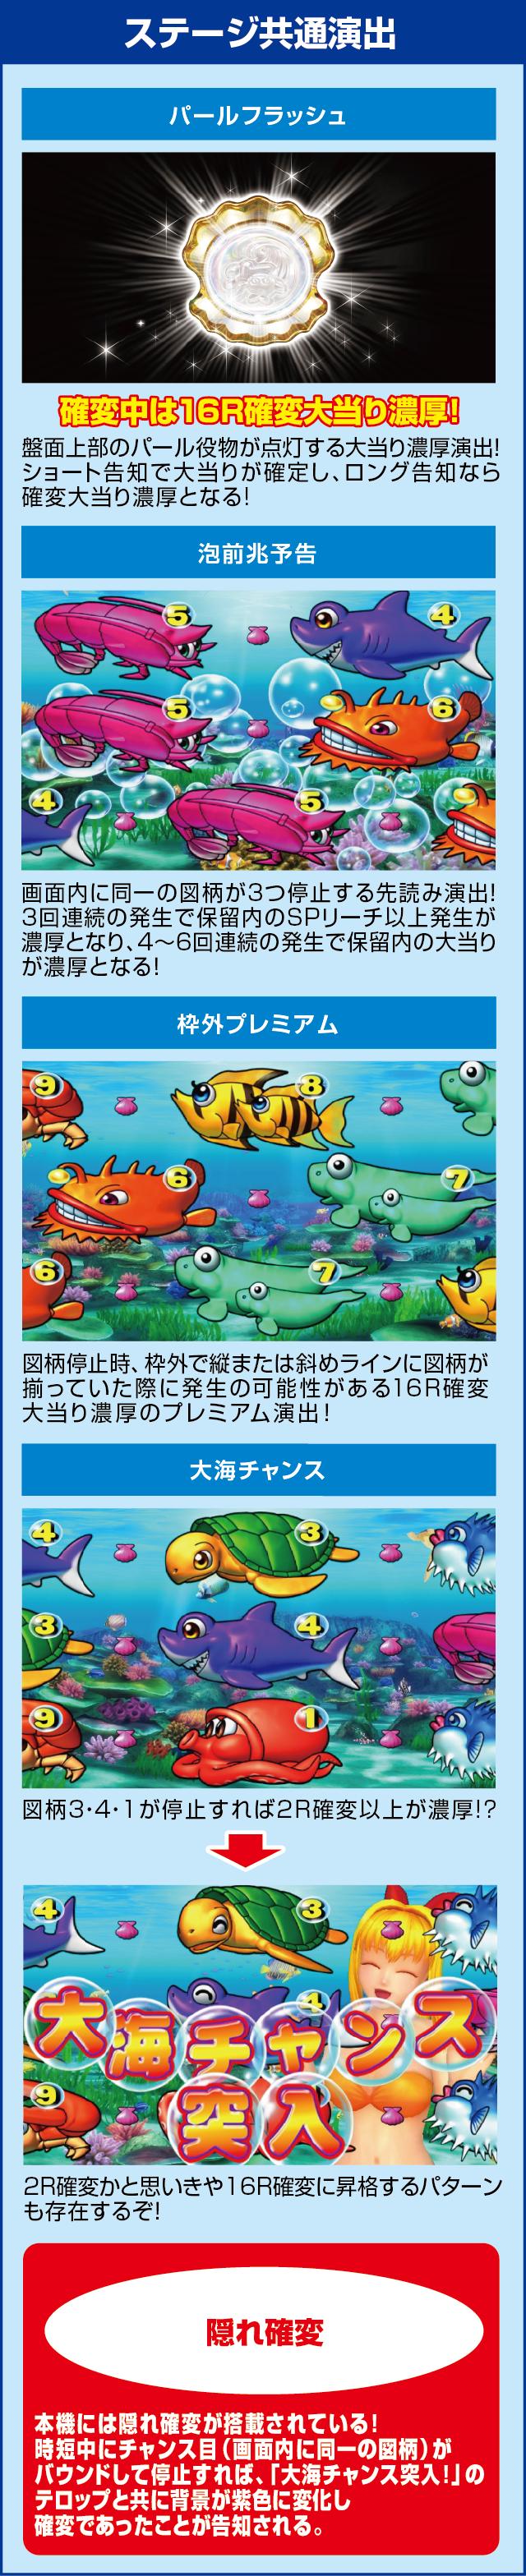 CR大海物語スペシャルMTE15のピックアップポイント